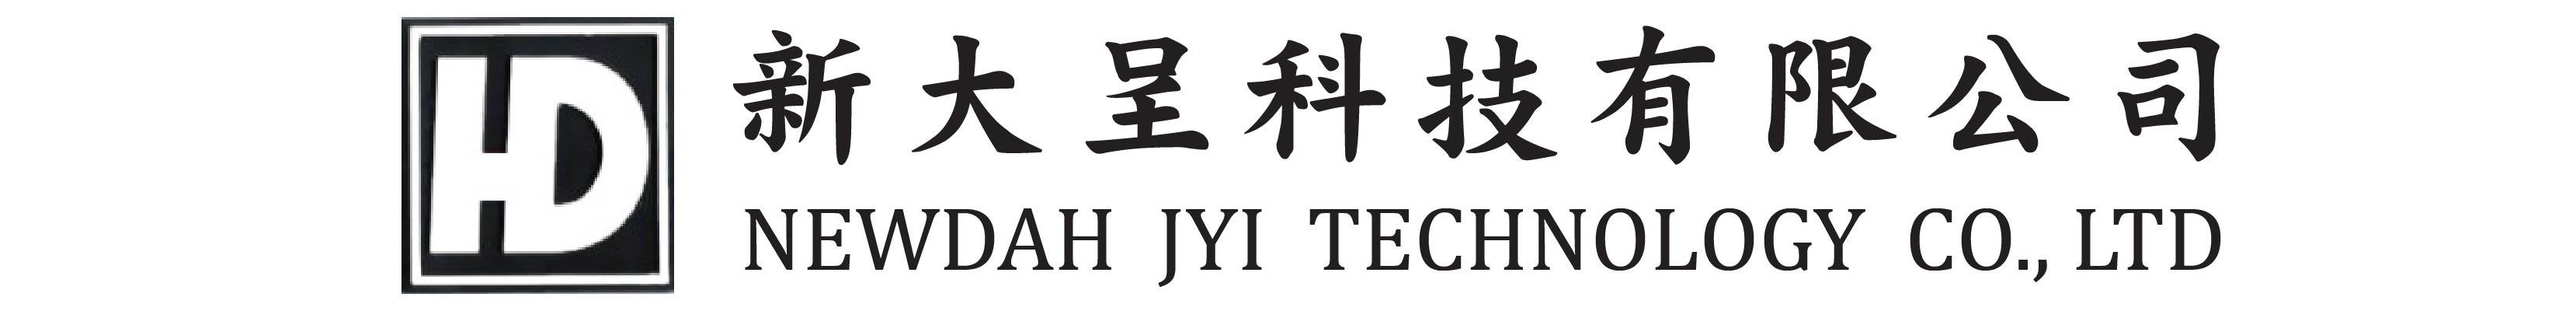 新大呈科系有限公司 - 台灣專業燈光音響工廠